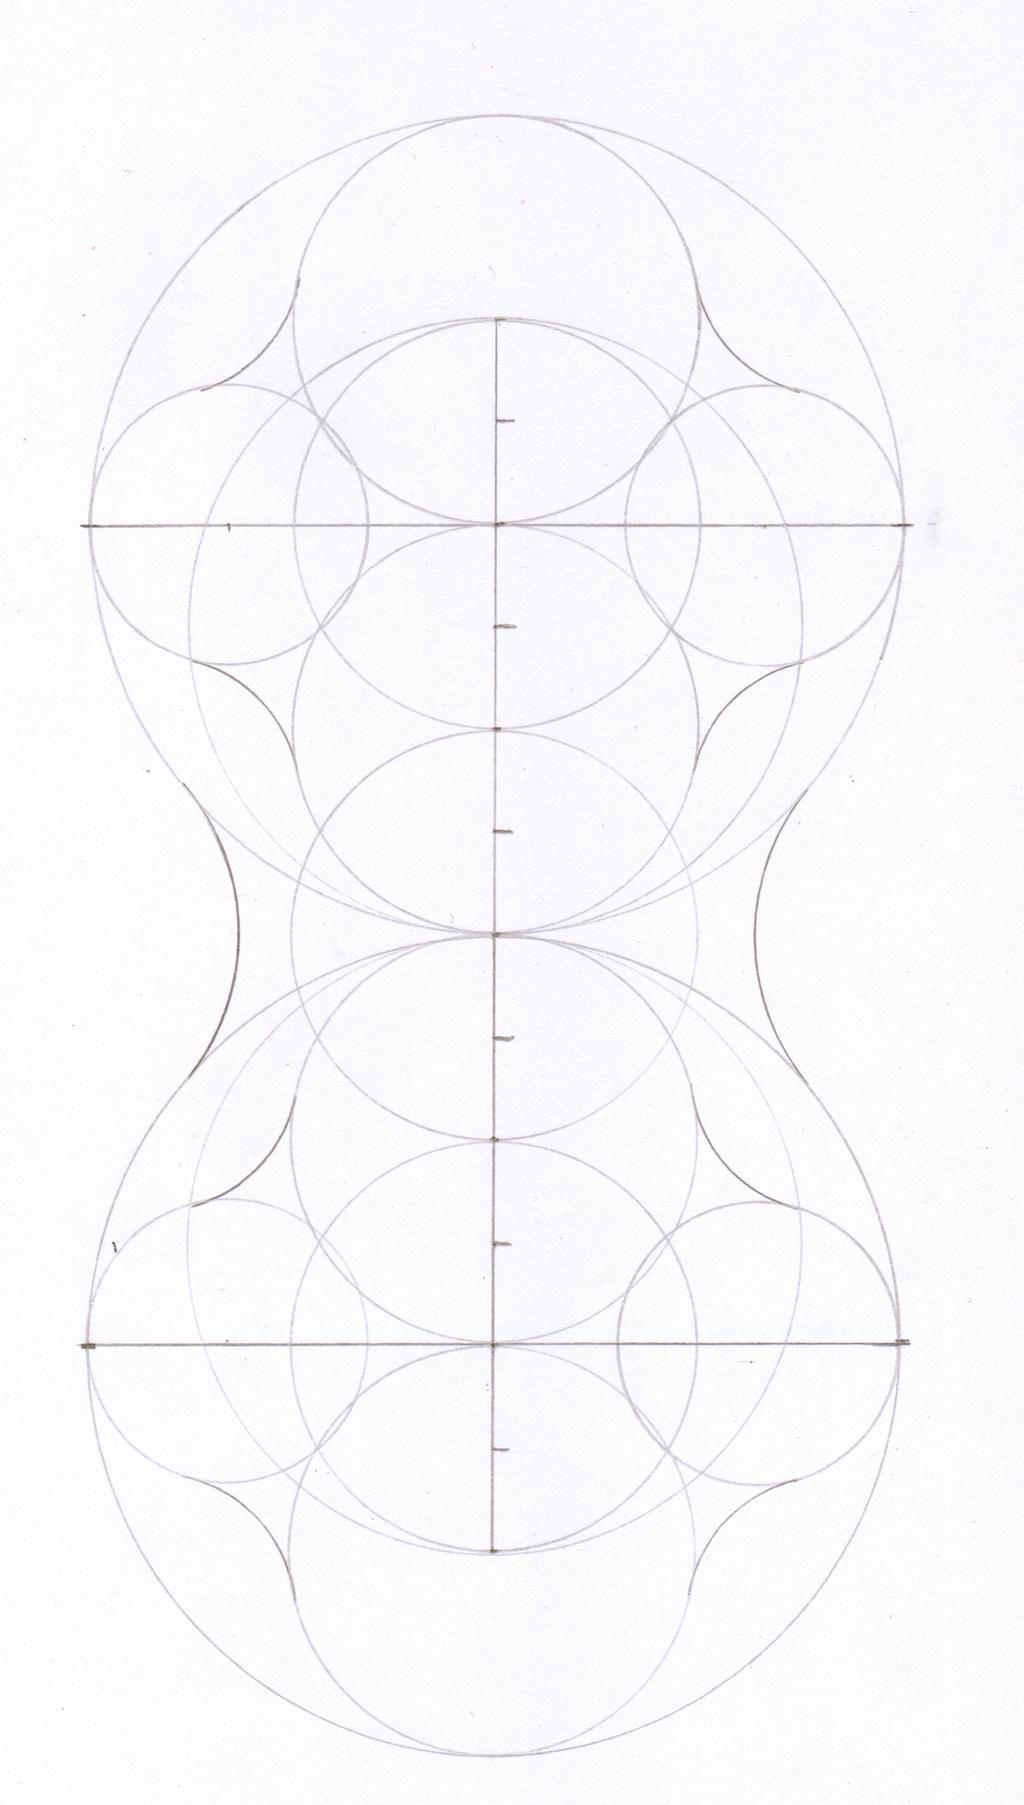 Circle Design by scetxr-efx